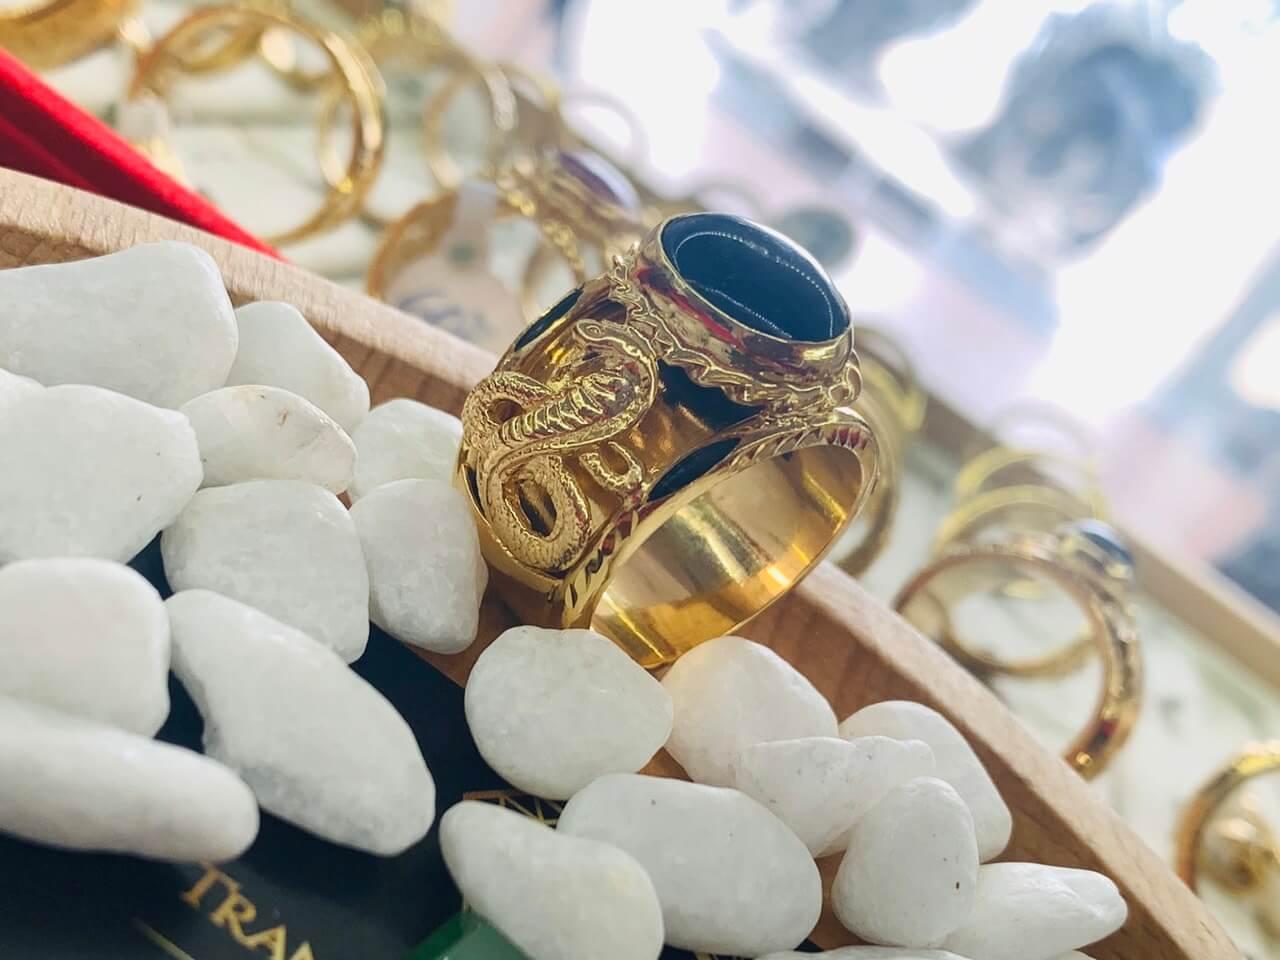 Nhẫn phong thủy 2 Rắn vàng chầu ngọc xanh dương được gia công tại RioGems